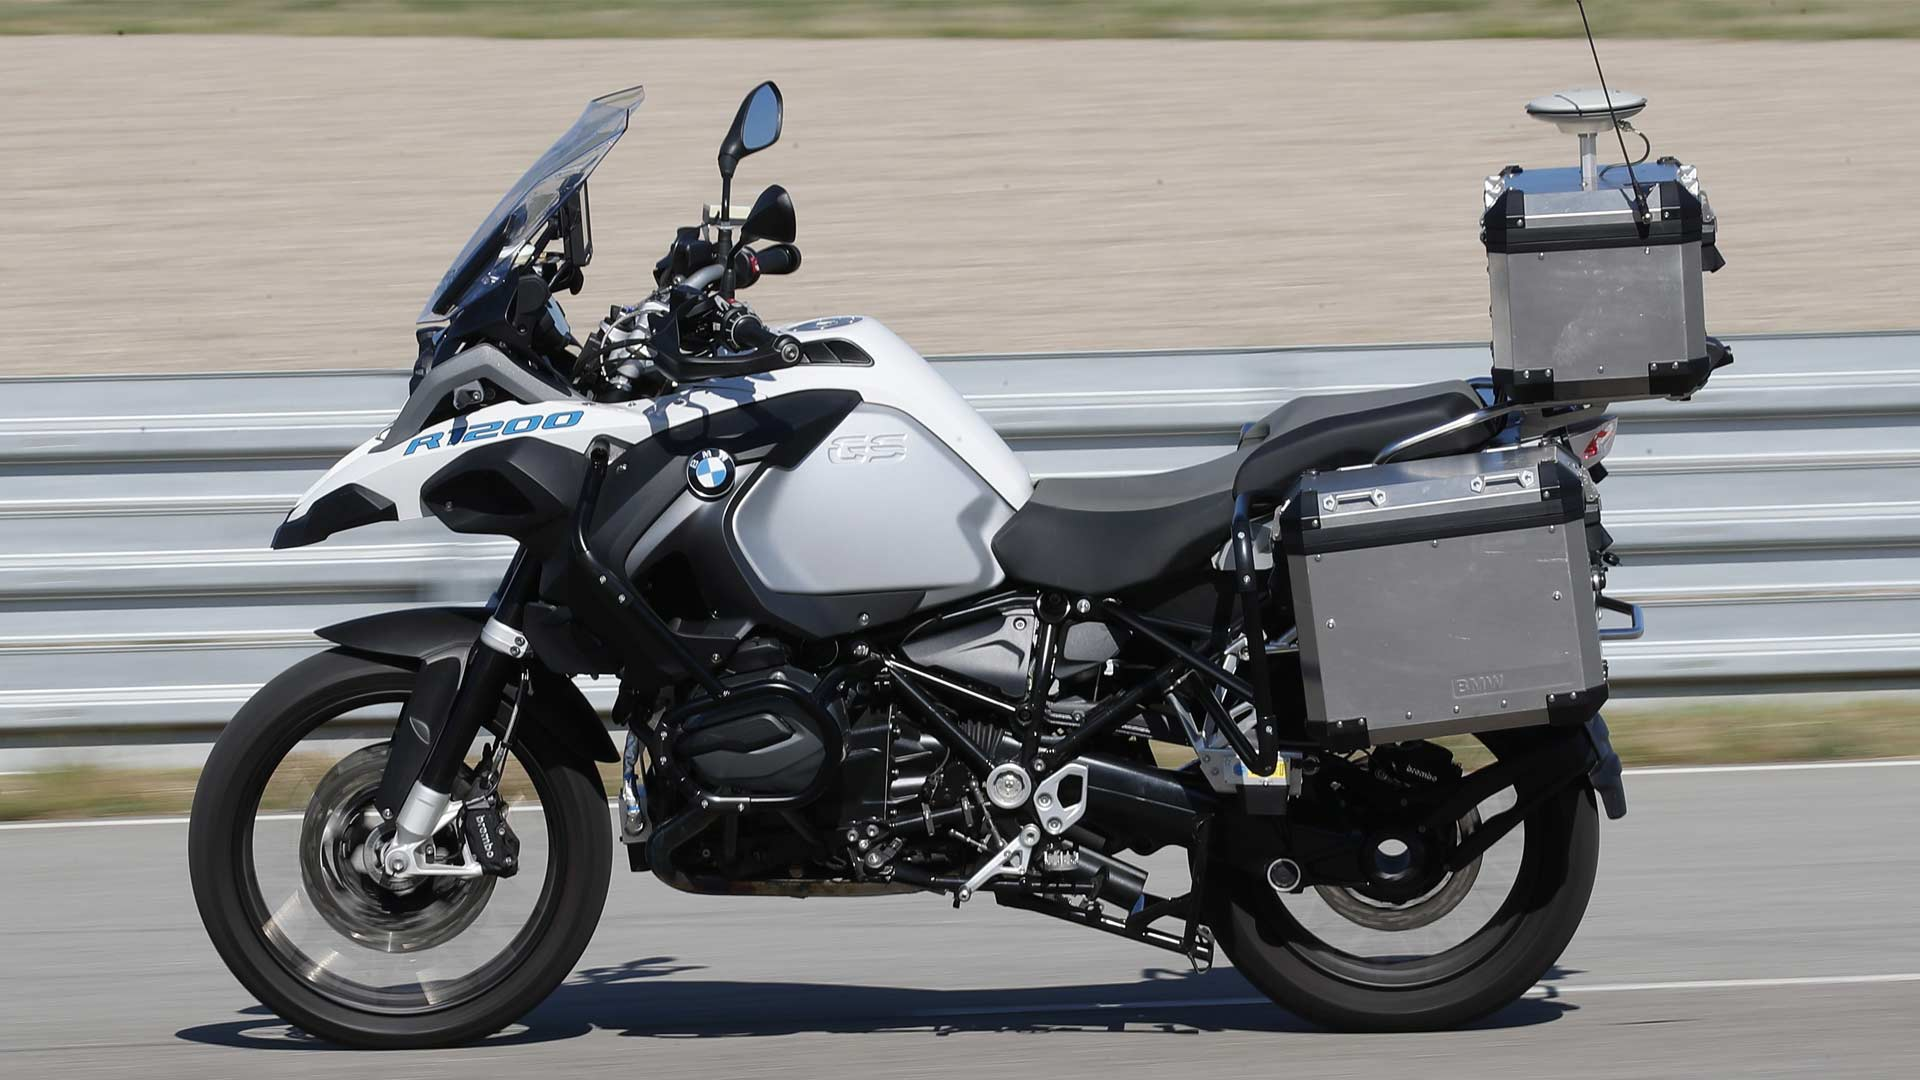 BMW-R-1200-GS-autonomous-bike